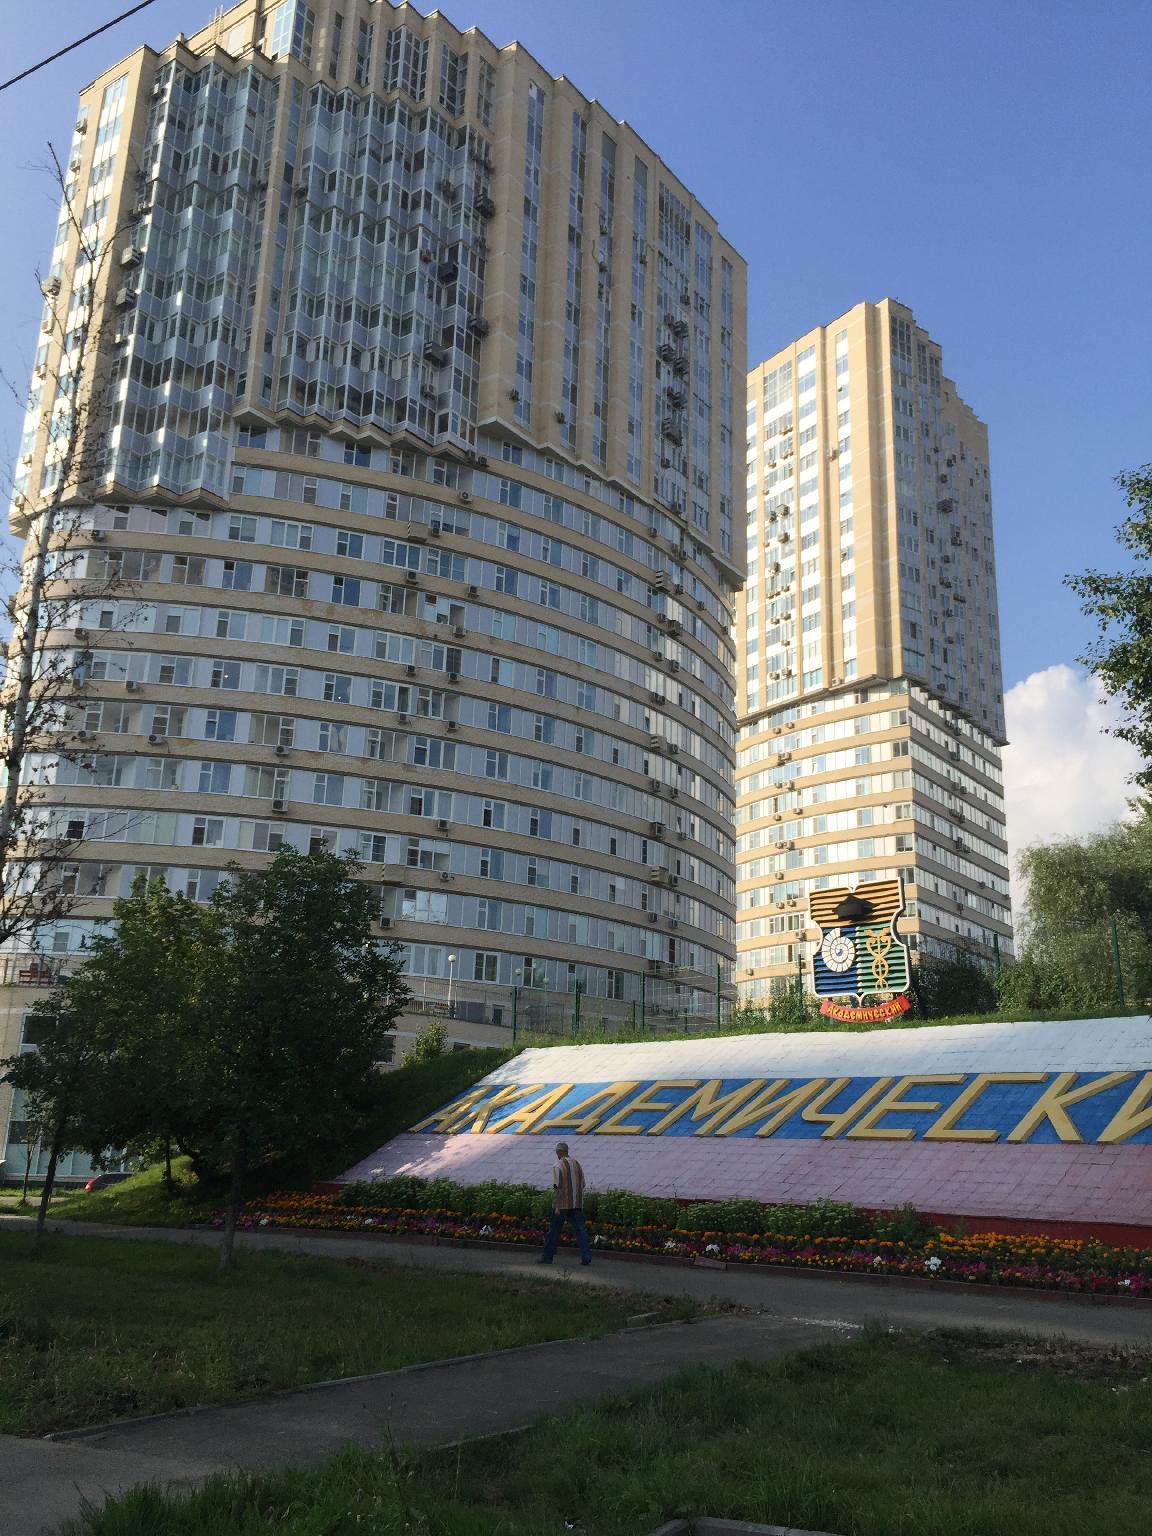 Apartament Na Profcoyuznaya